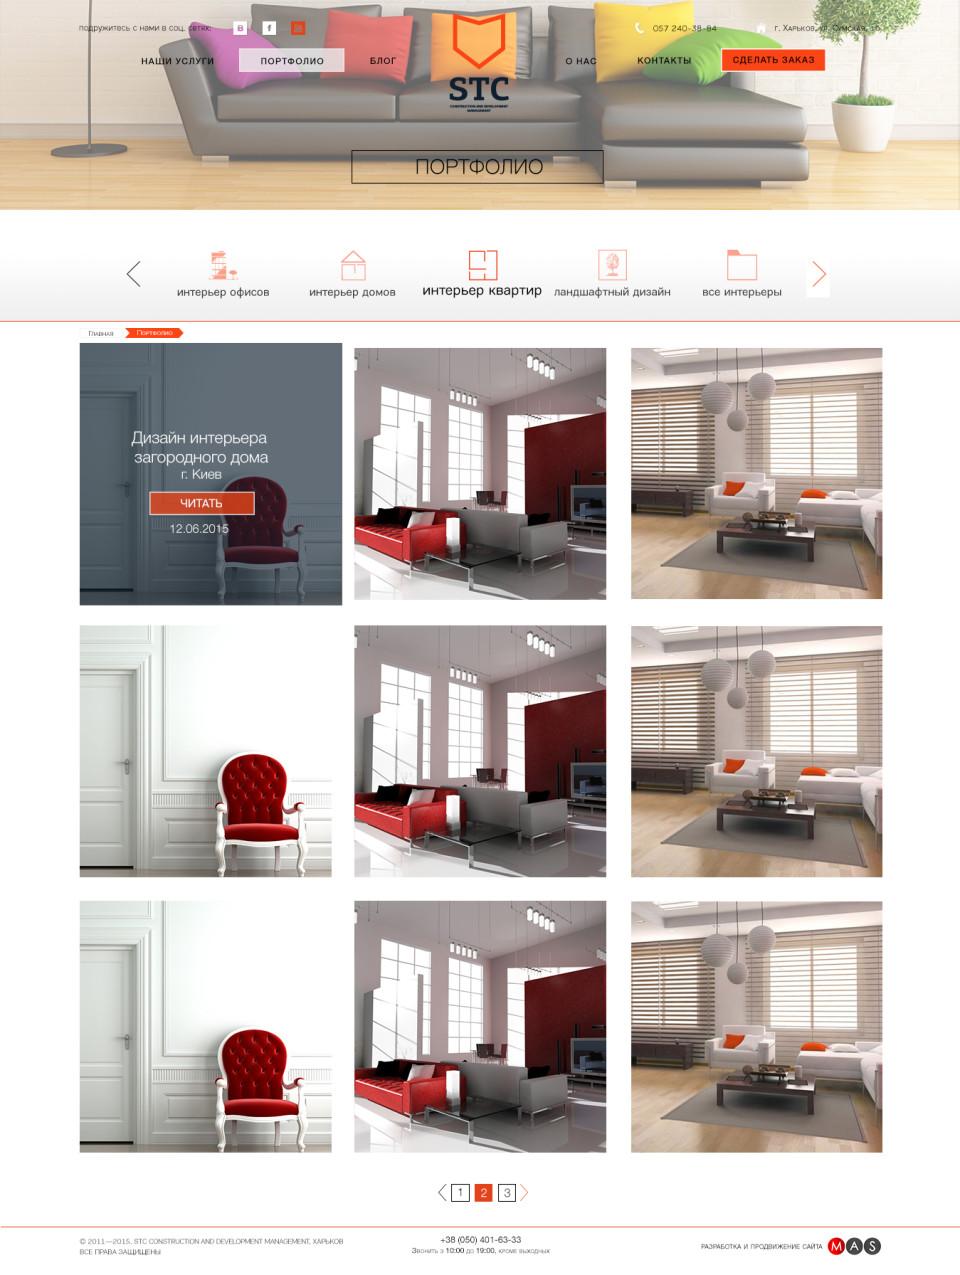 Страница портфолио корпоративного сайта строительной компании STC